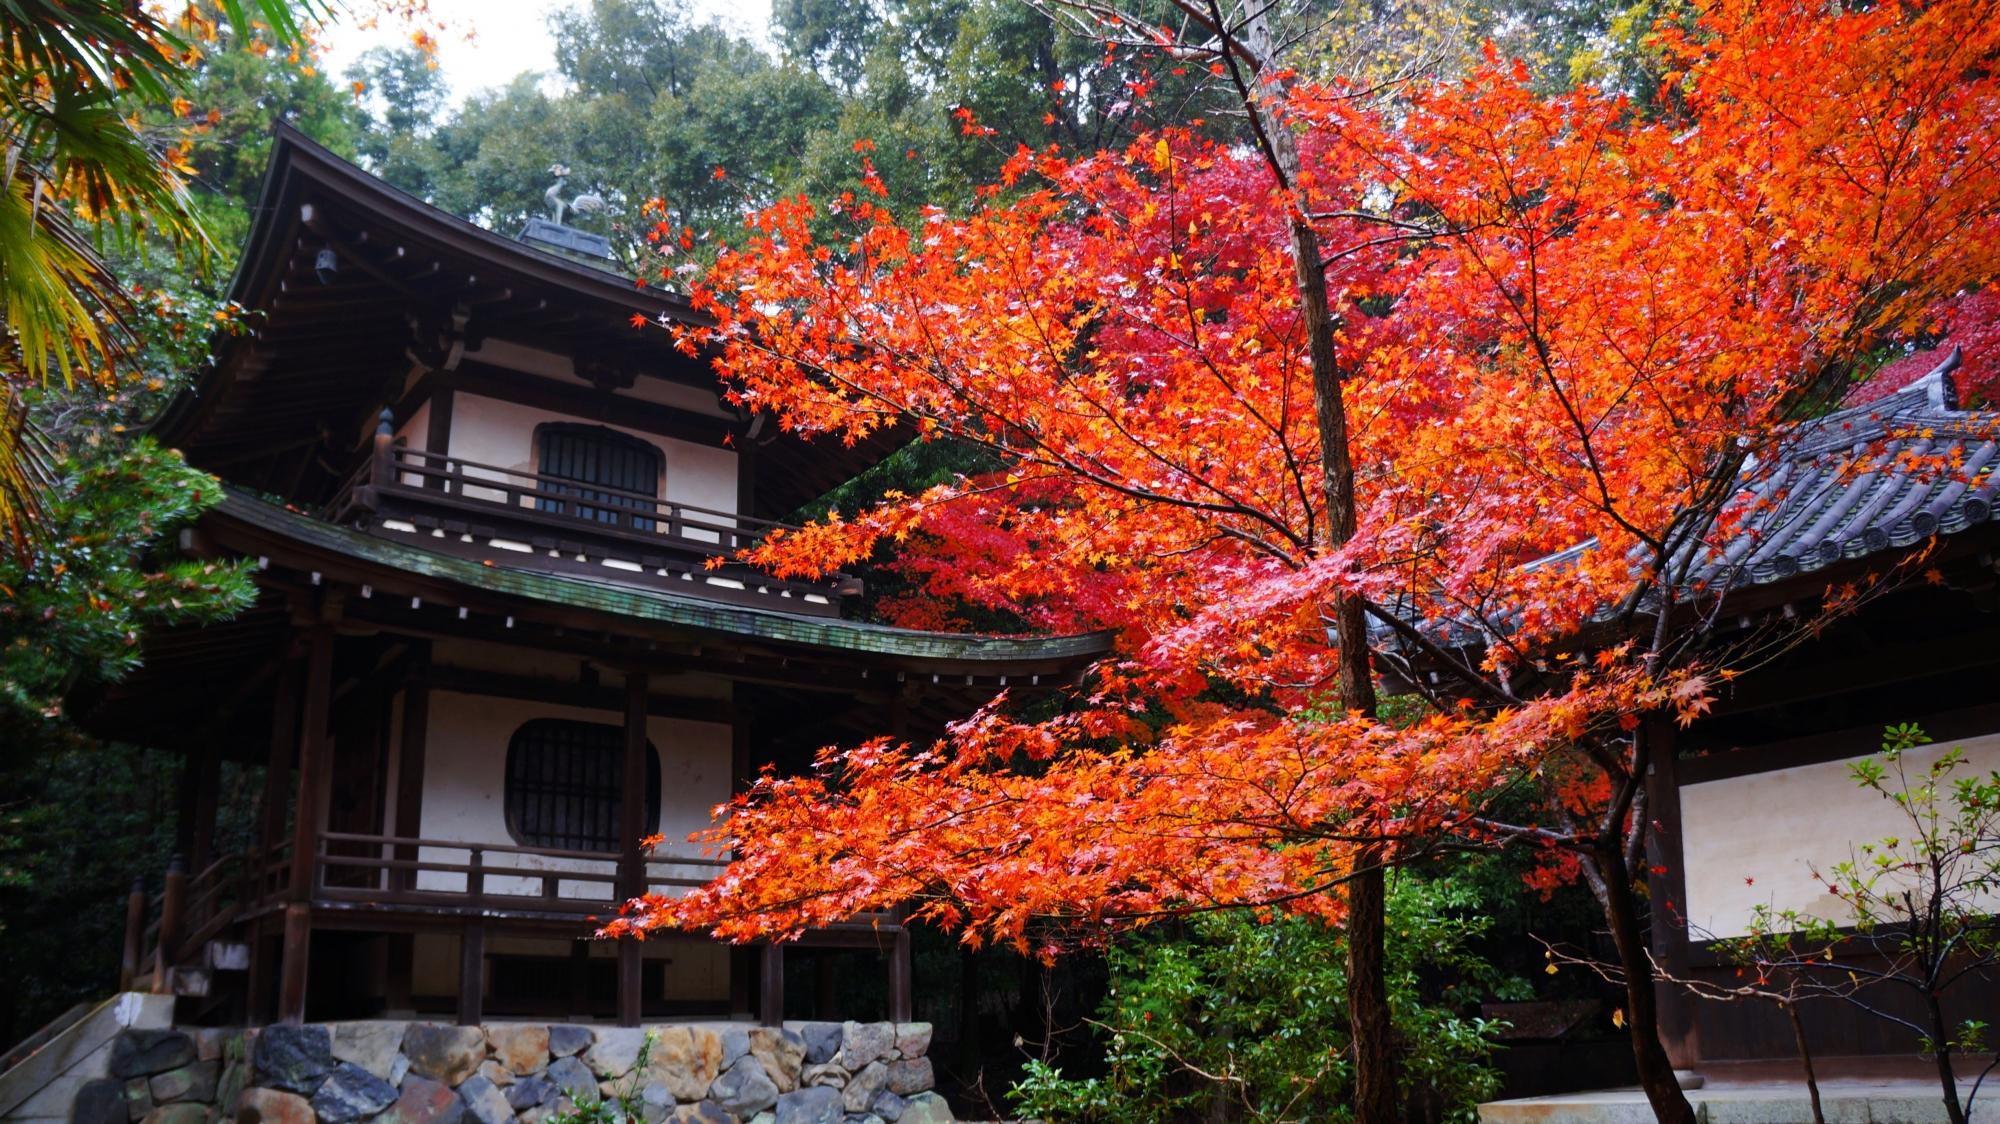 鮮やかな紅葉と京都の隠れた名所